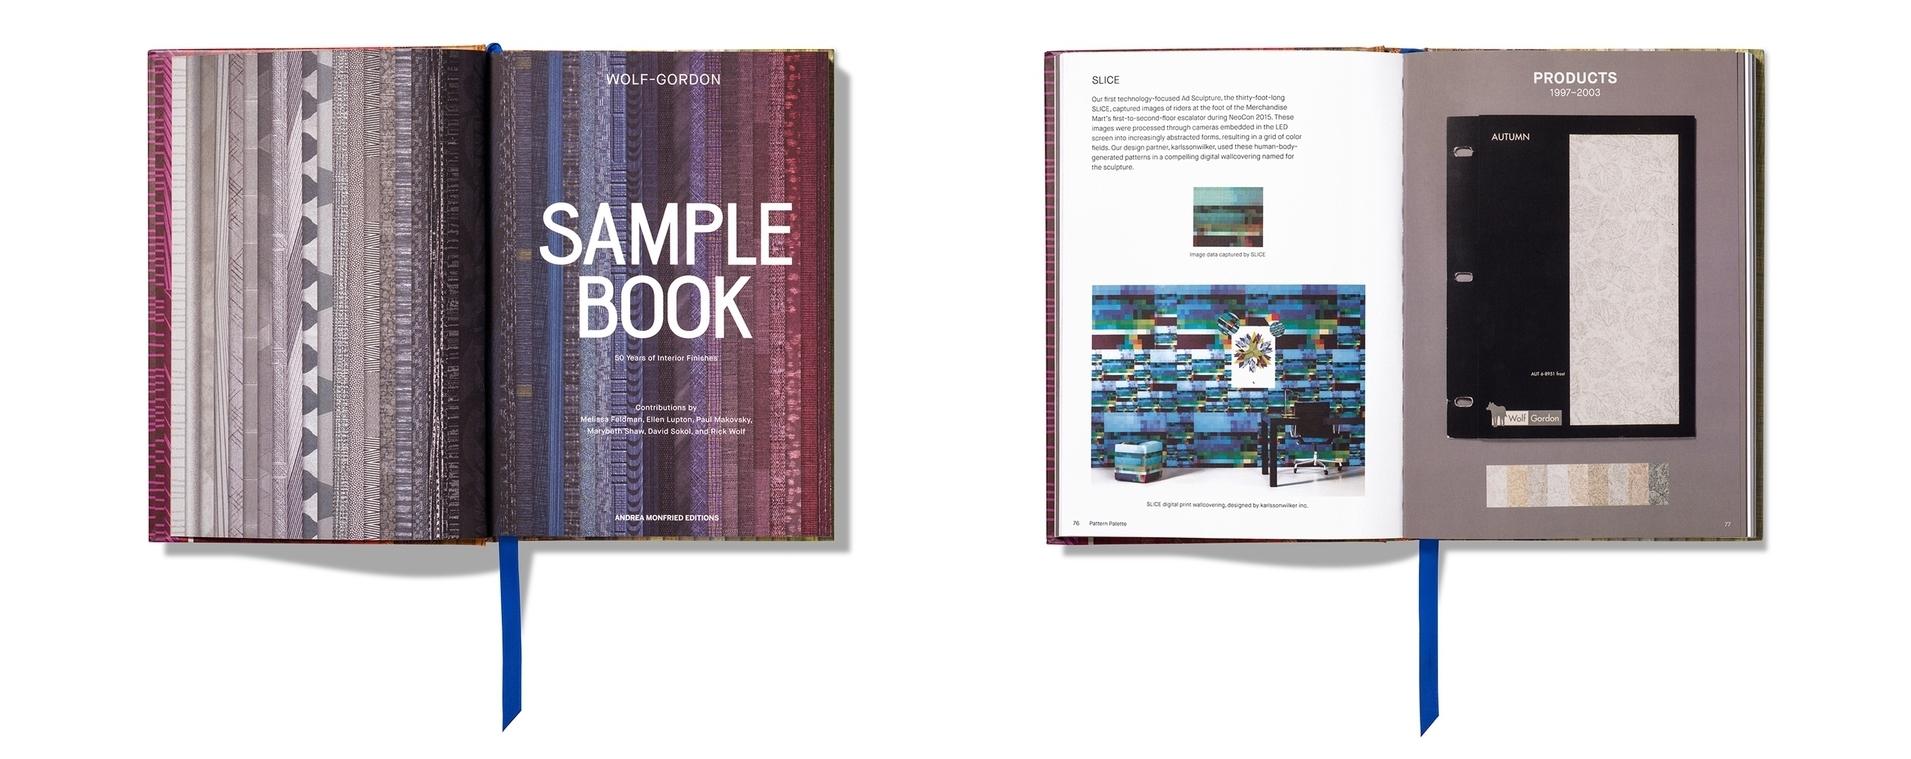 wg-book-003-1920x1080.jpg